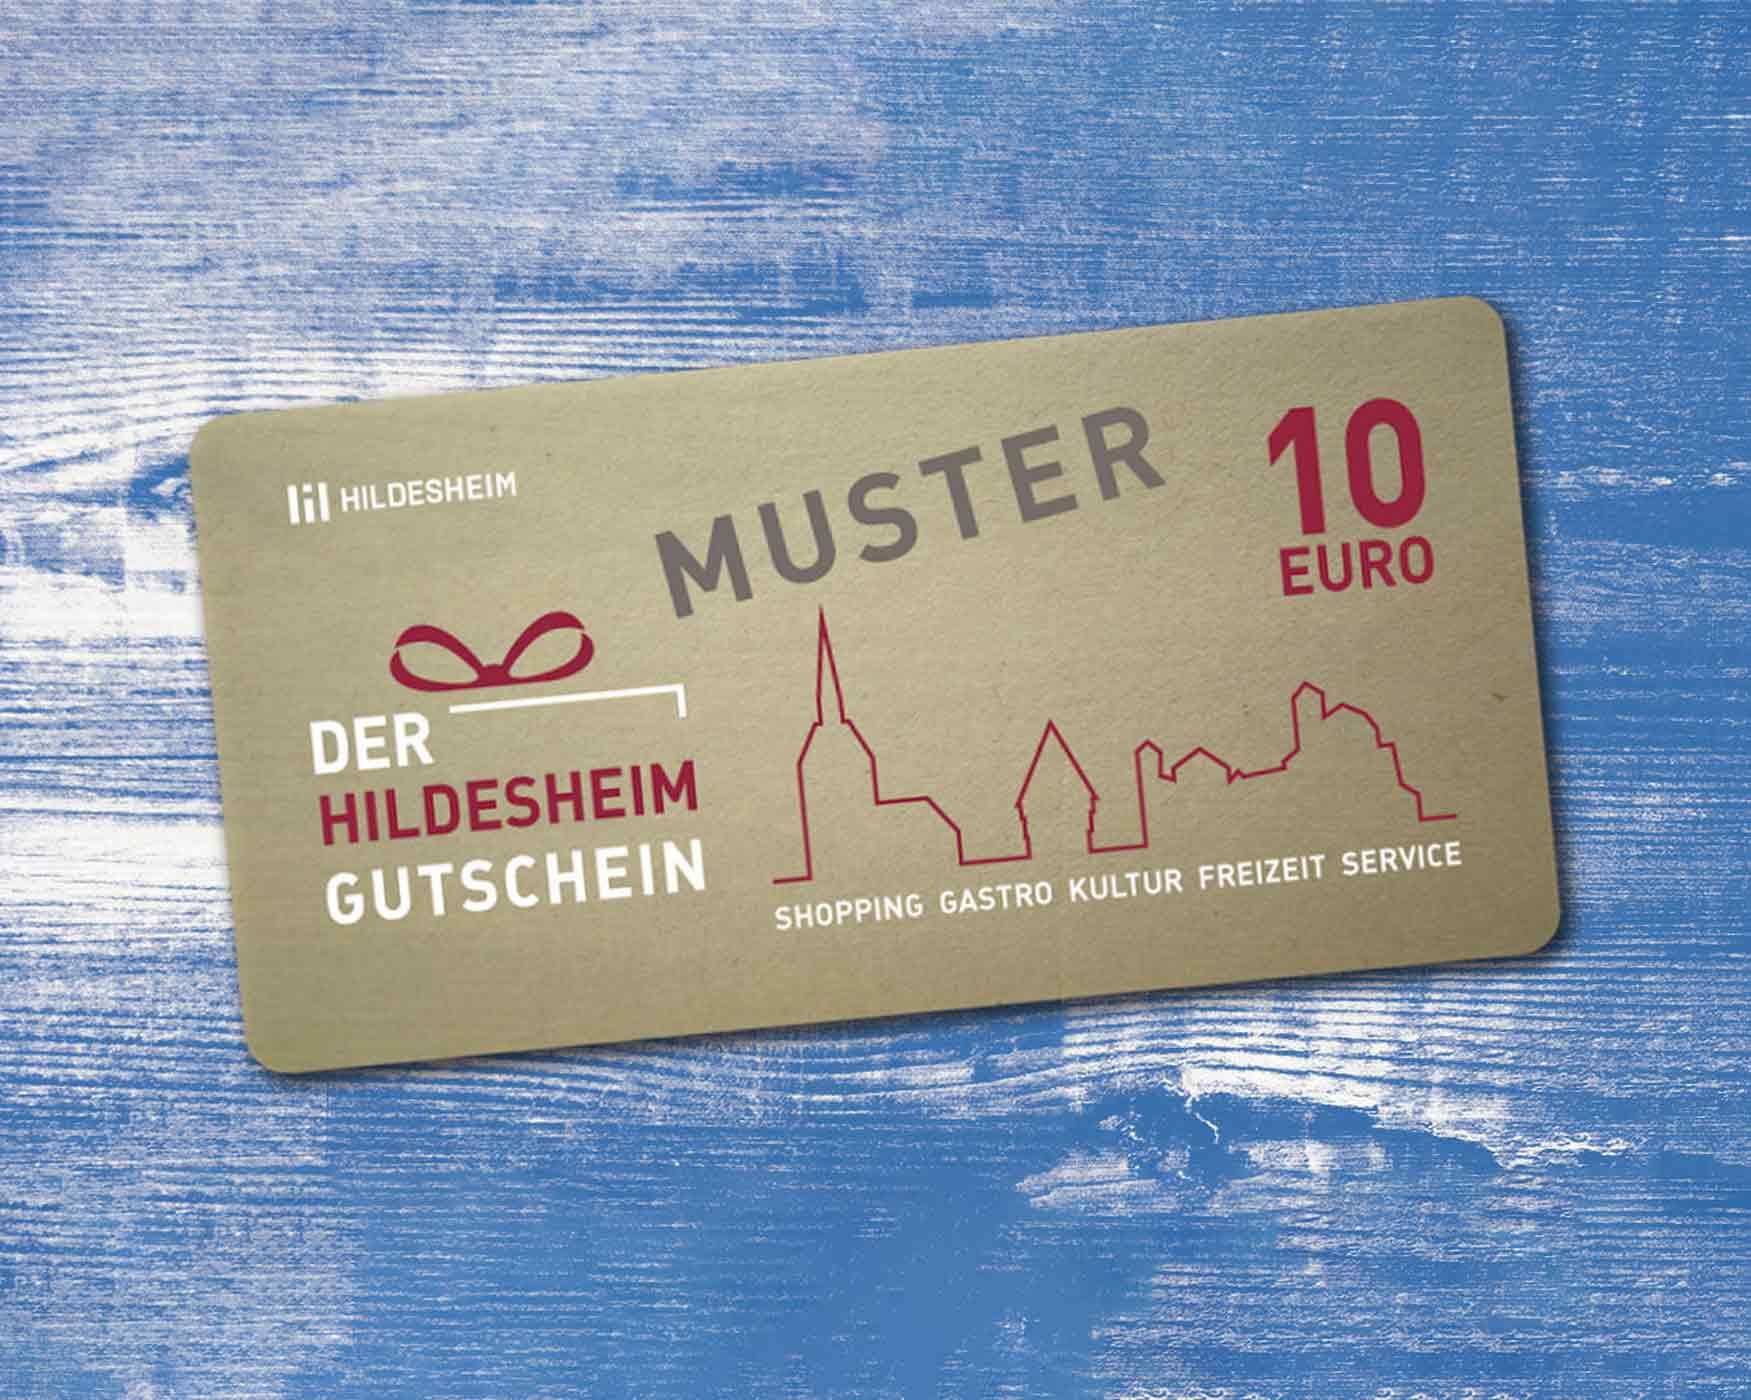 Hildesheim Gutschein